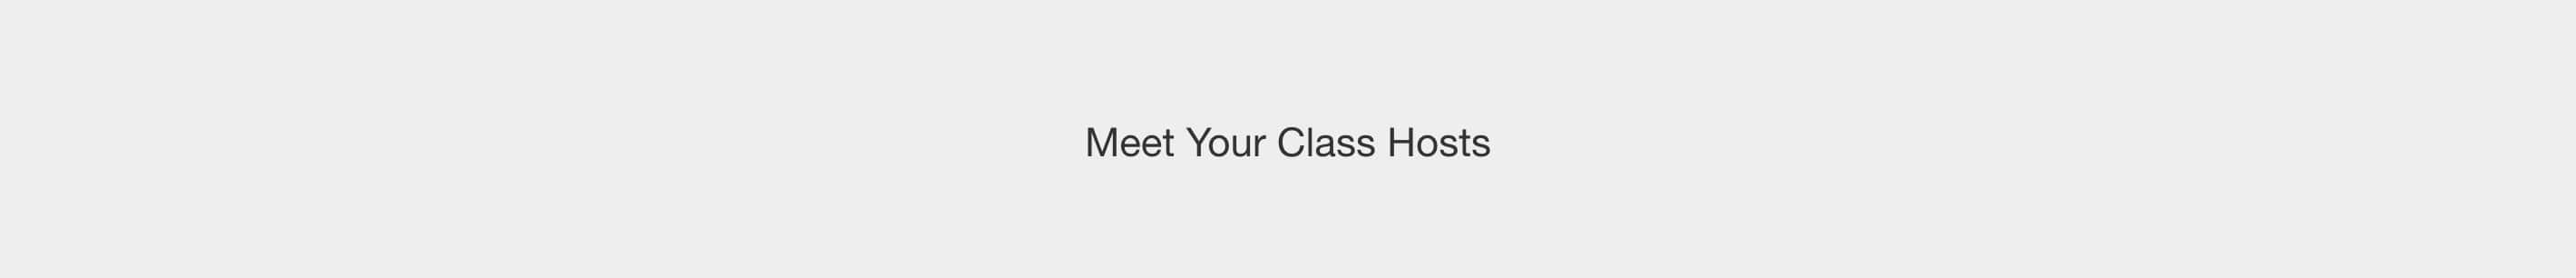 Meet Your Class Hosts